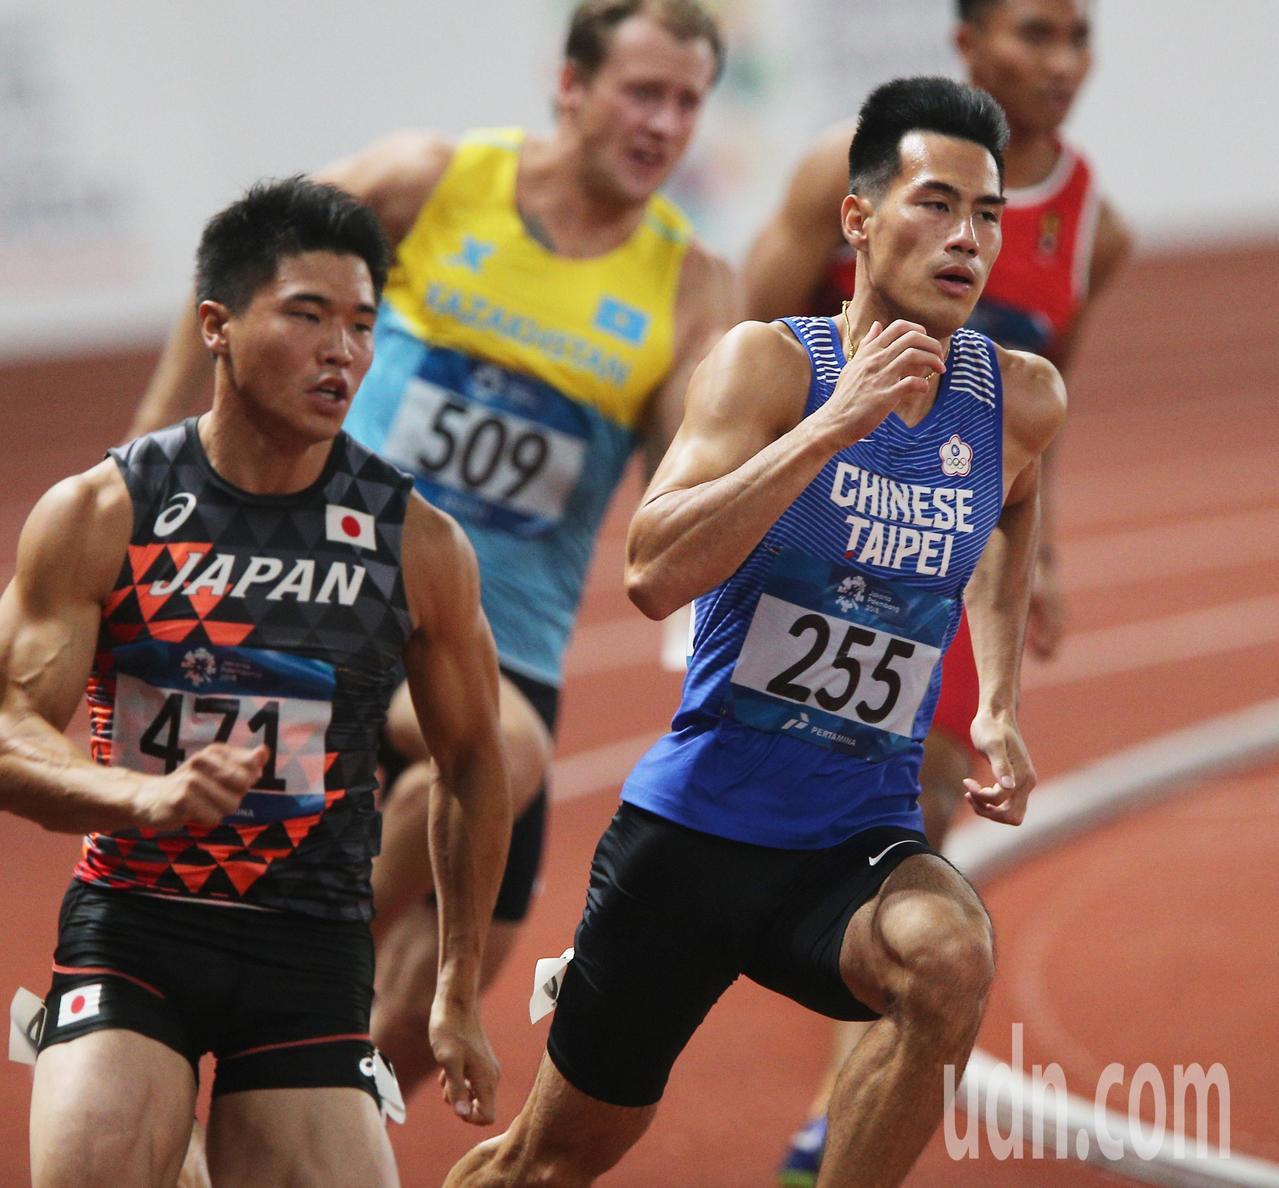 亞運男子200公尺準決賽,楊俊瀚(右)出賽。特派記者陳正興/雅加達攝影